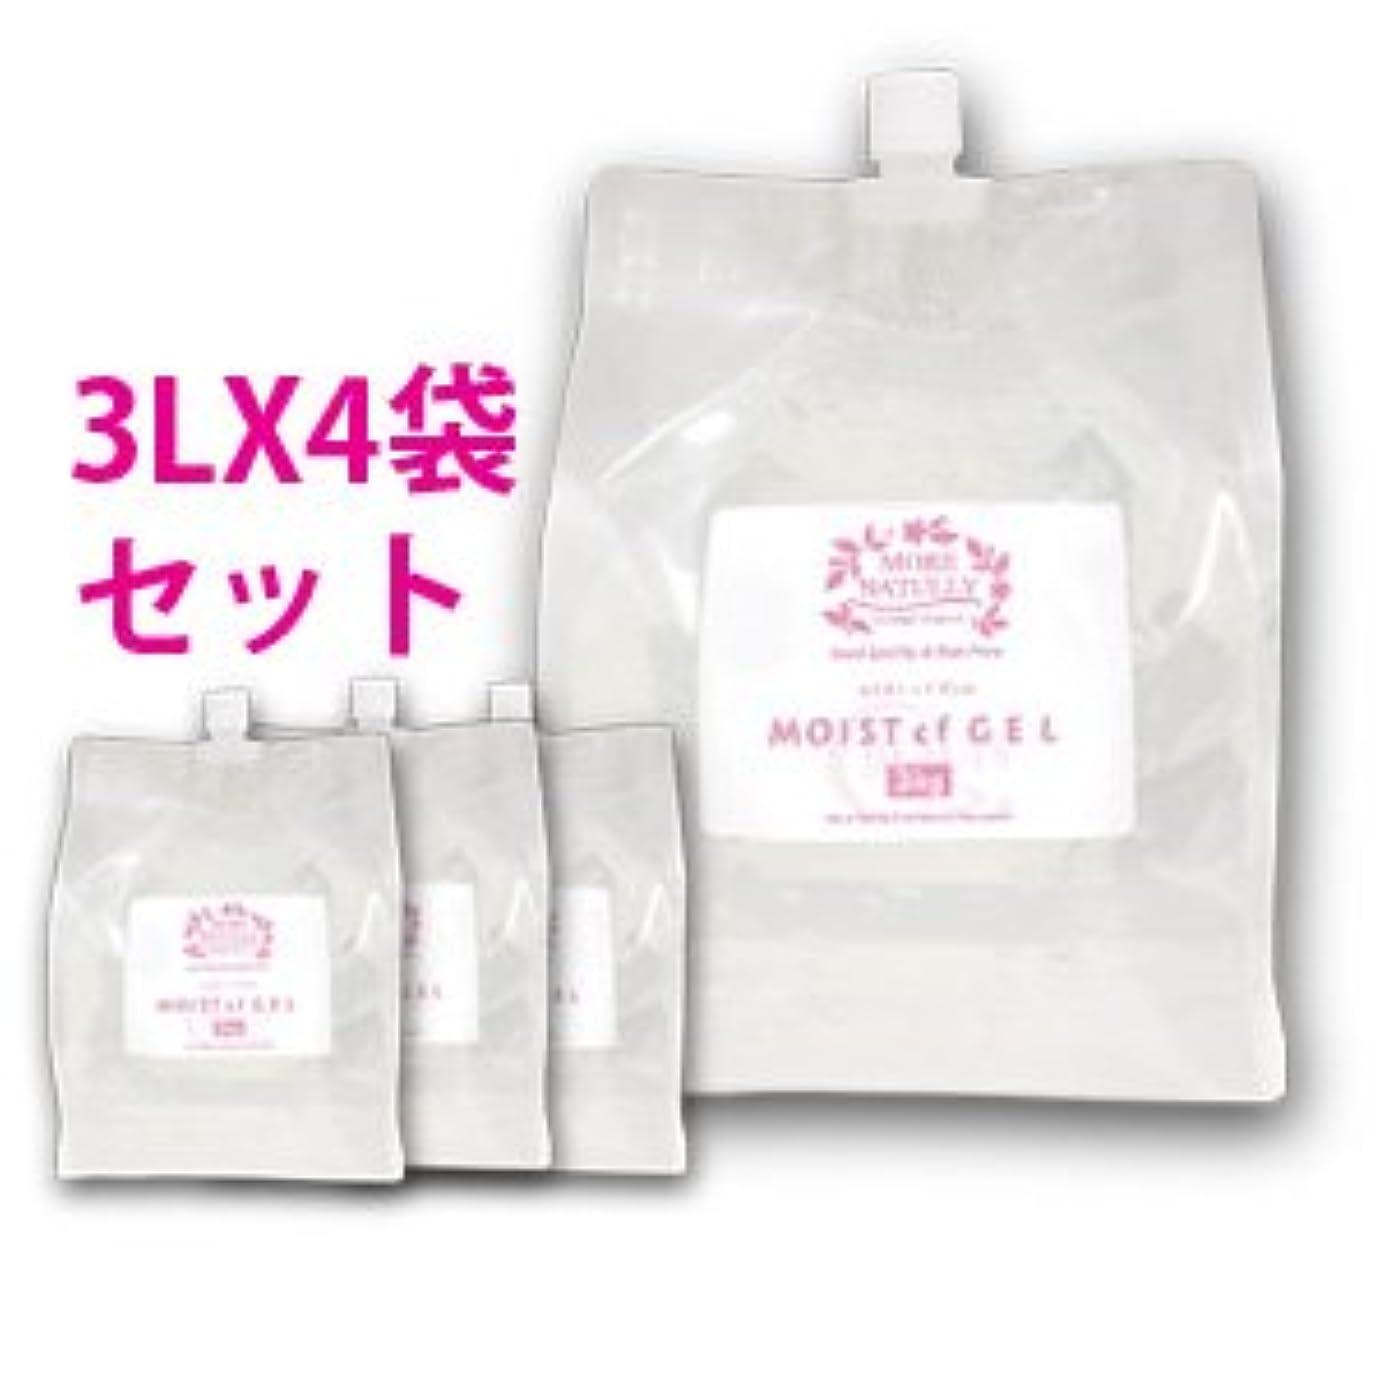 可能性怒って外出モアナチュリー モイストcfジェル 4袋セット 3kg×4袋